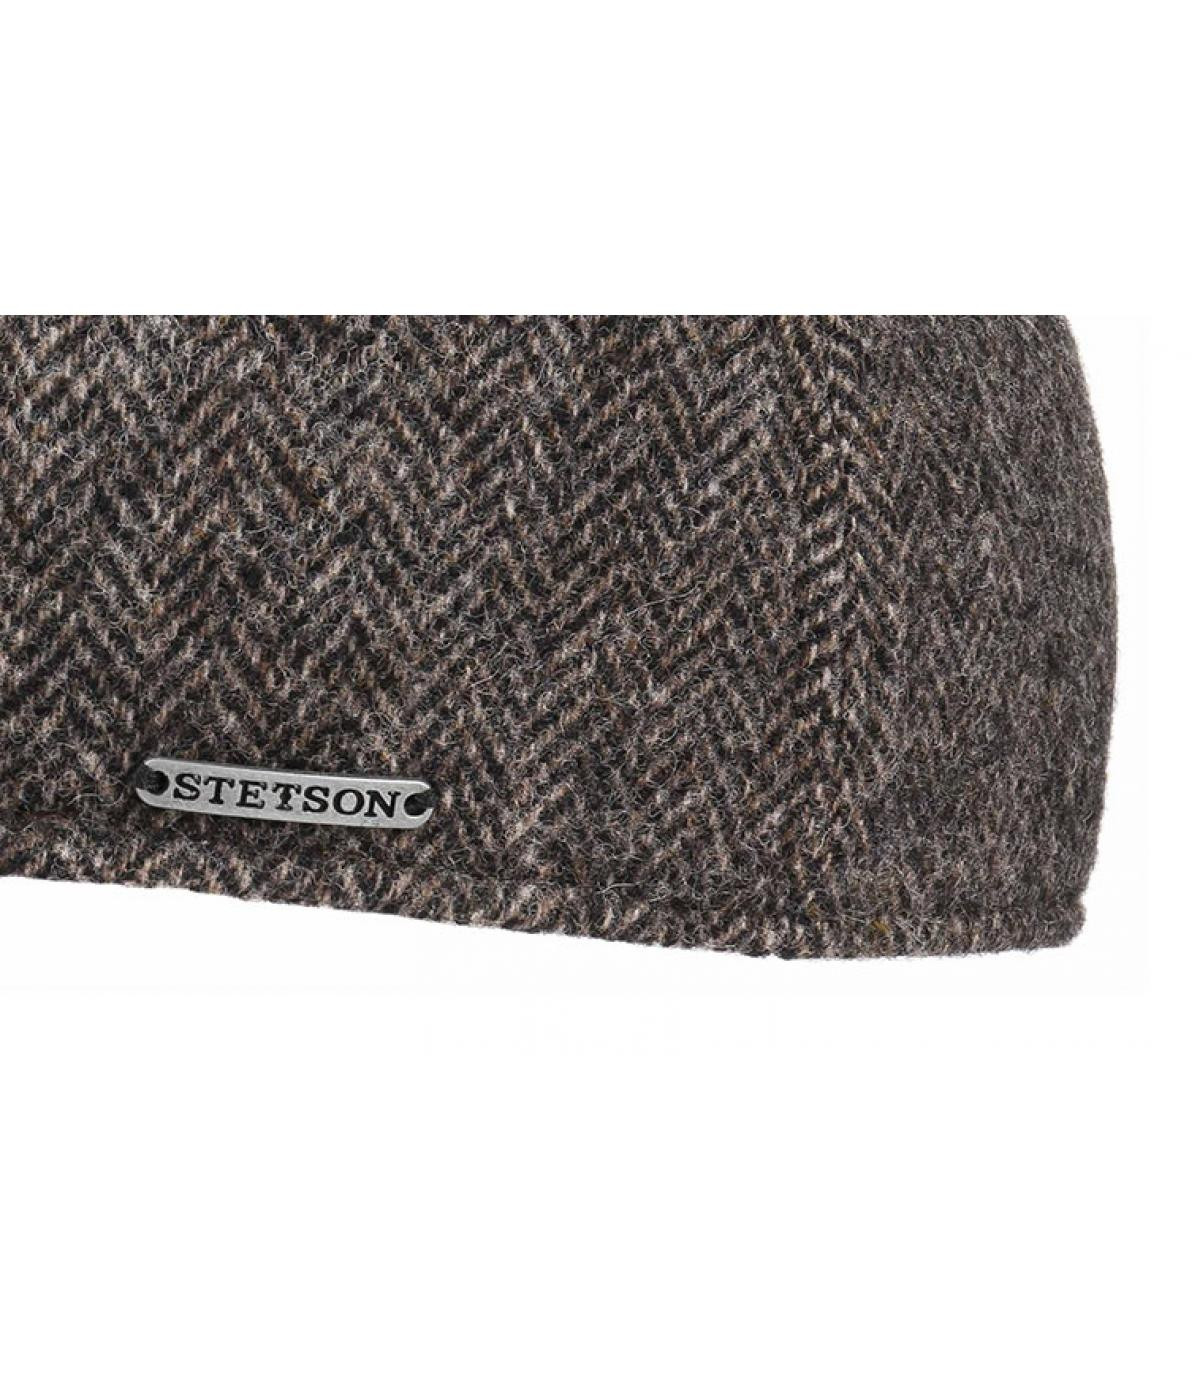 Dettagli Texas Woolrich Herringbone grey - image 3